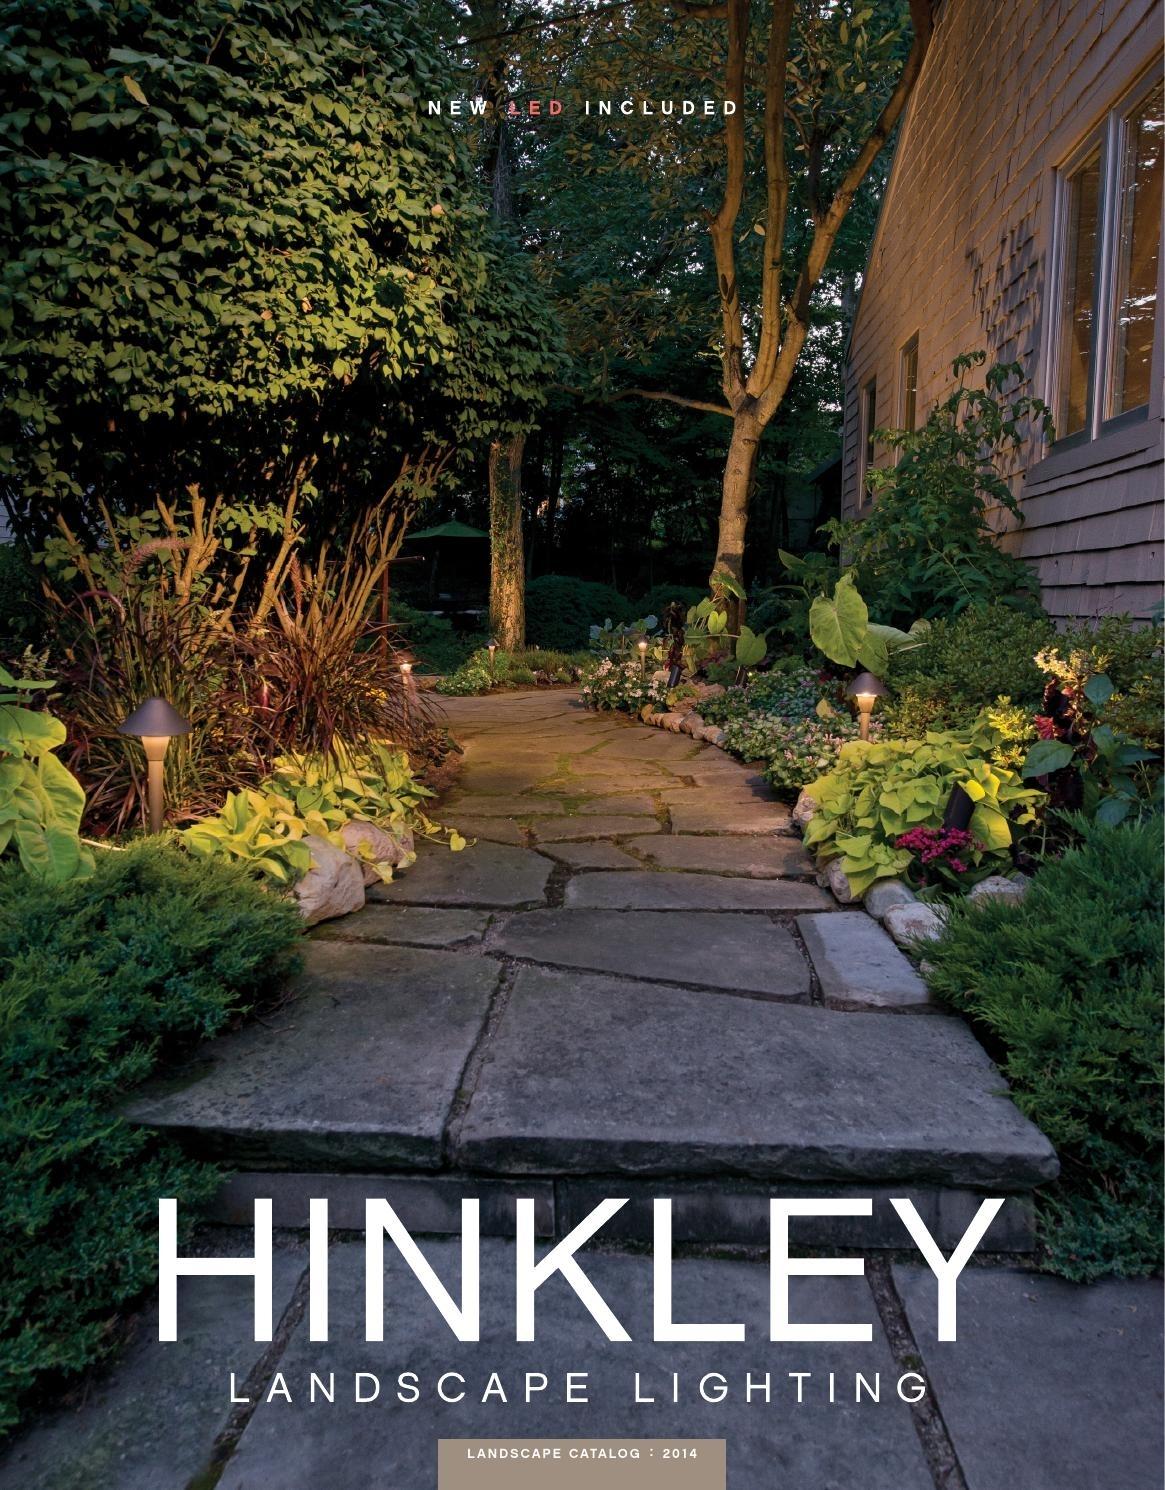 Hinkley Landscape Lighting 2014Hinkley Lighting – Issuu Pertaining To Modern Garden Landscape Hinkley Lighting (#5 of 15)